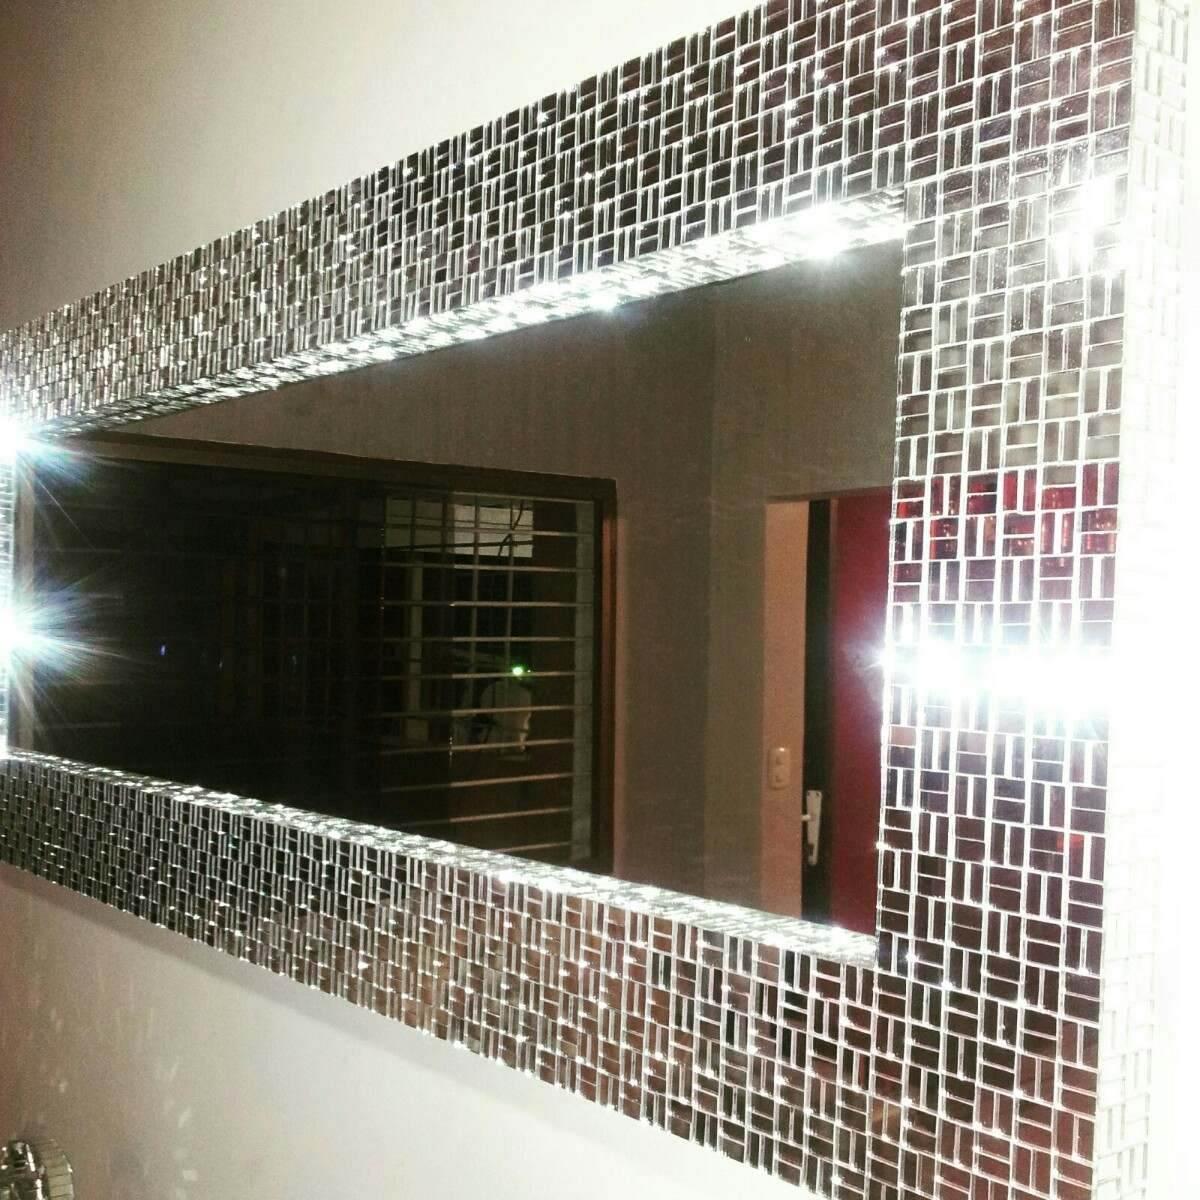 Modernos espejos decorados p ra l hogar bs for Espejos decorados modernos